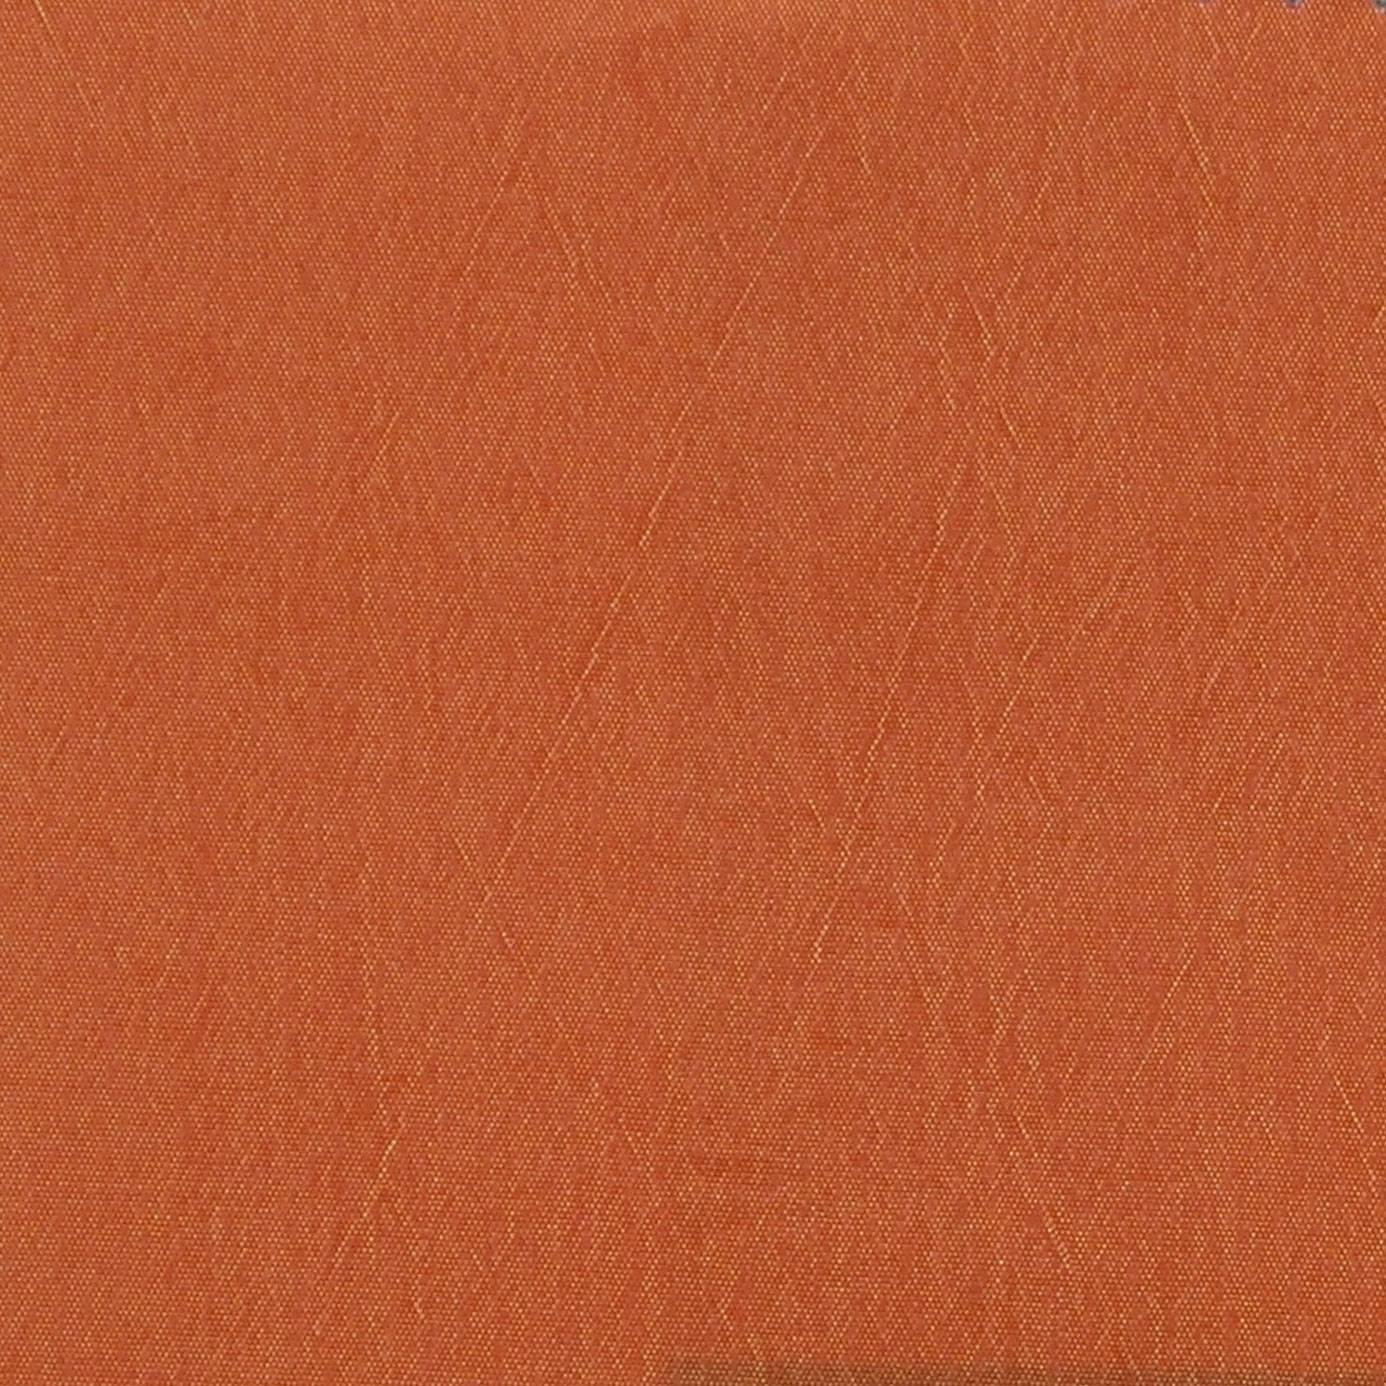 Polo Fabric Red Orange 4252 366 Prestigious Textiles